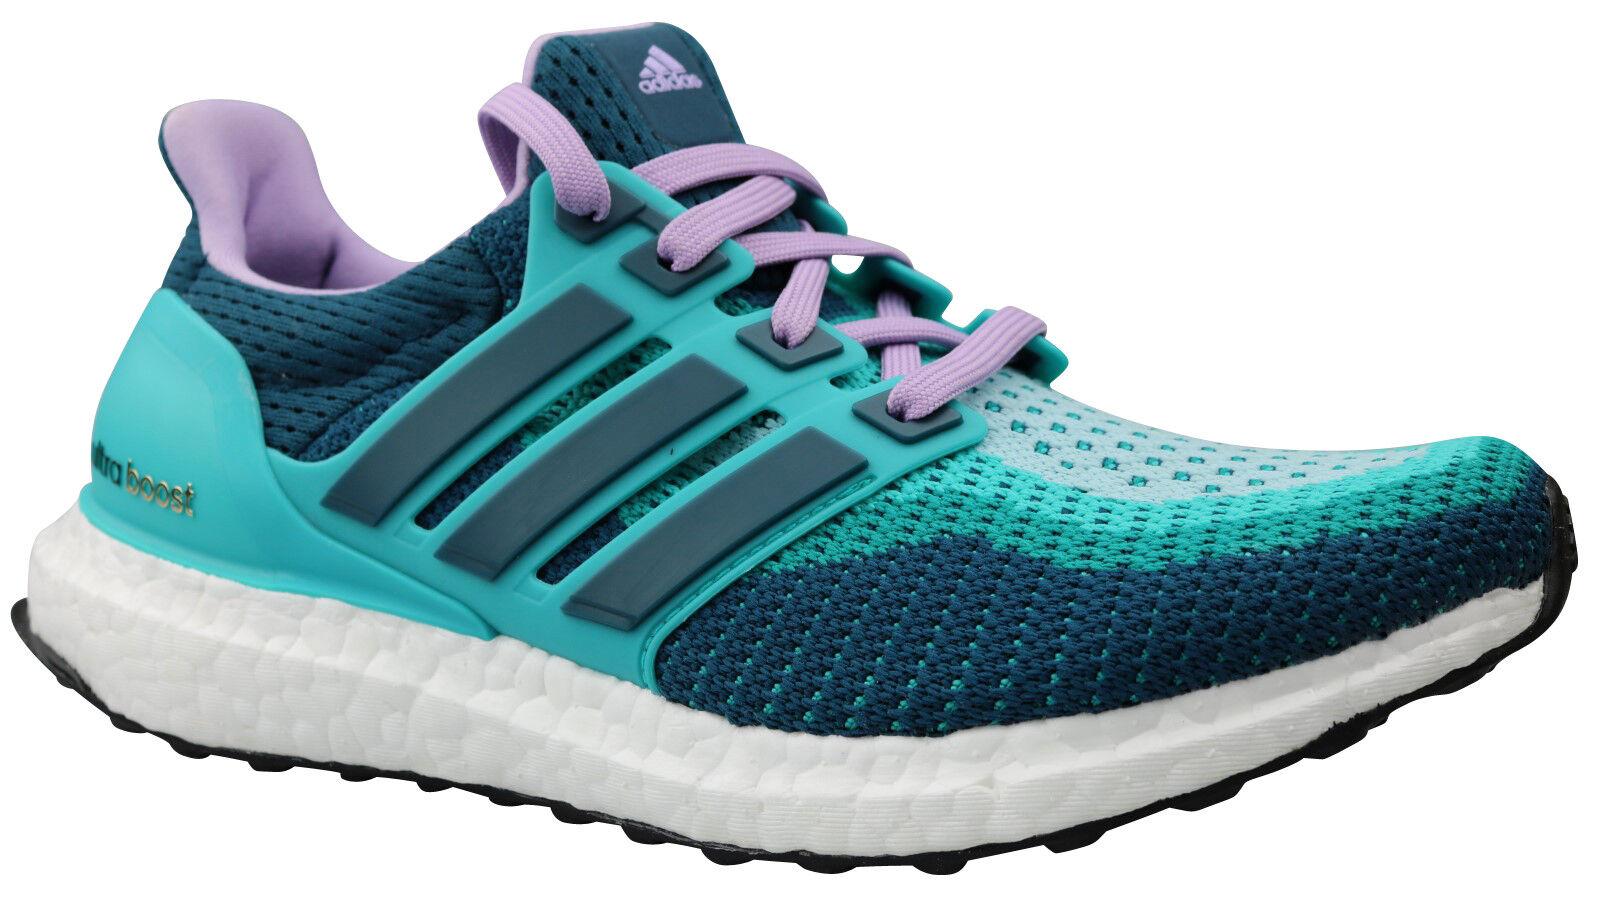 ADIDAS ULTRA BOOST Damen Running Running Running Sneaker Laufschuhe AF5140 Gr. 36 - 42 NEU  OVP 317cd5